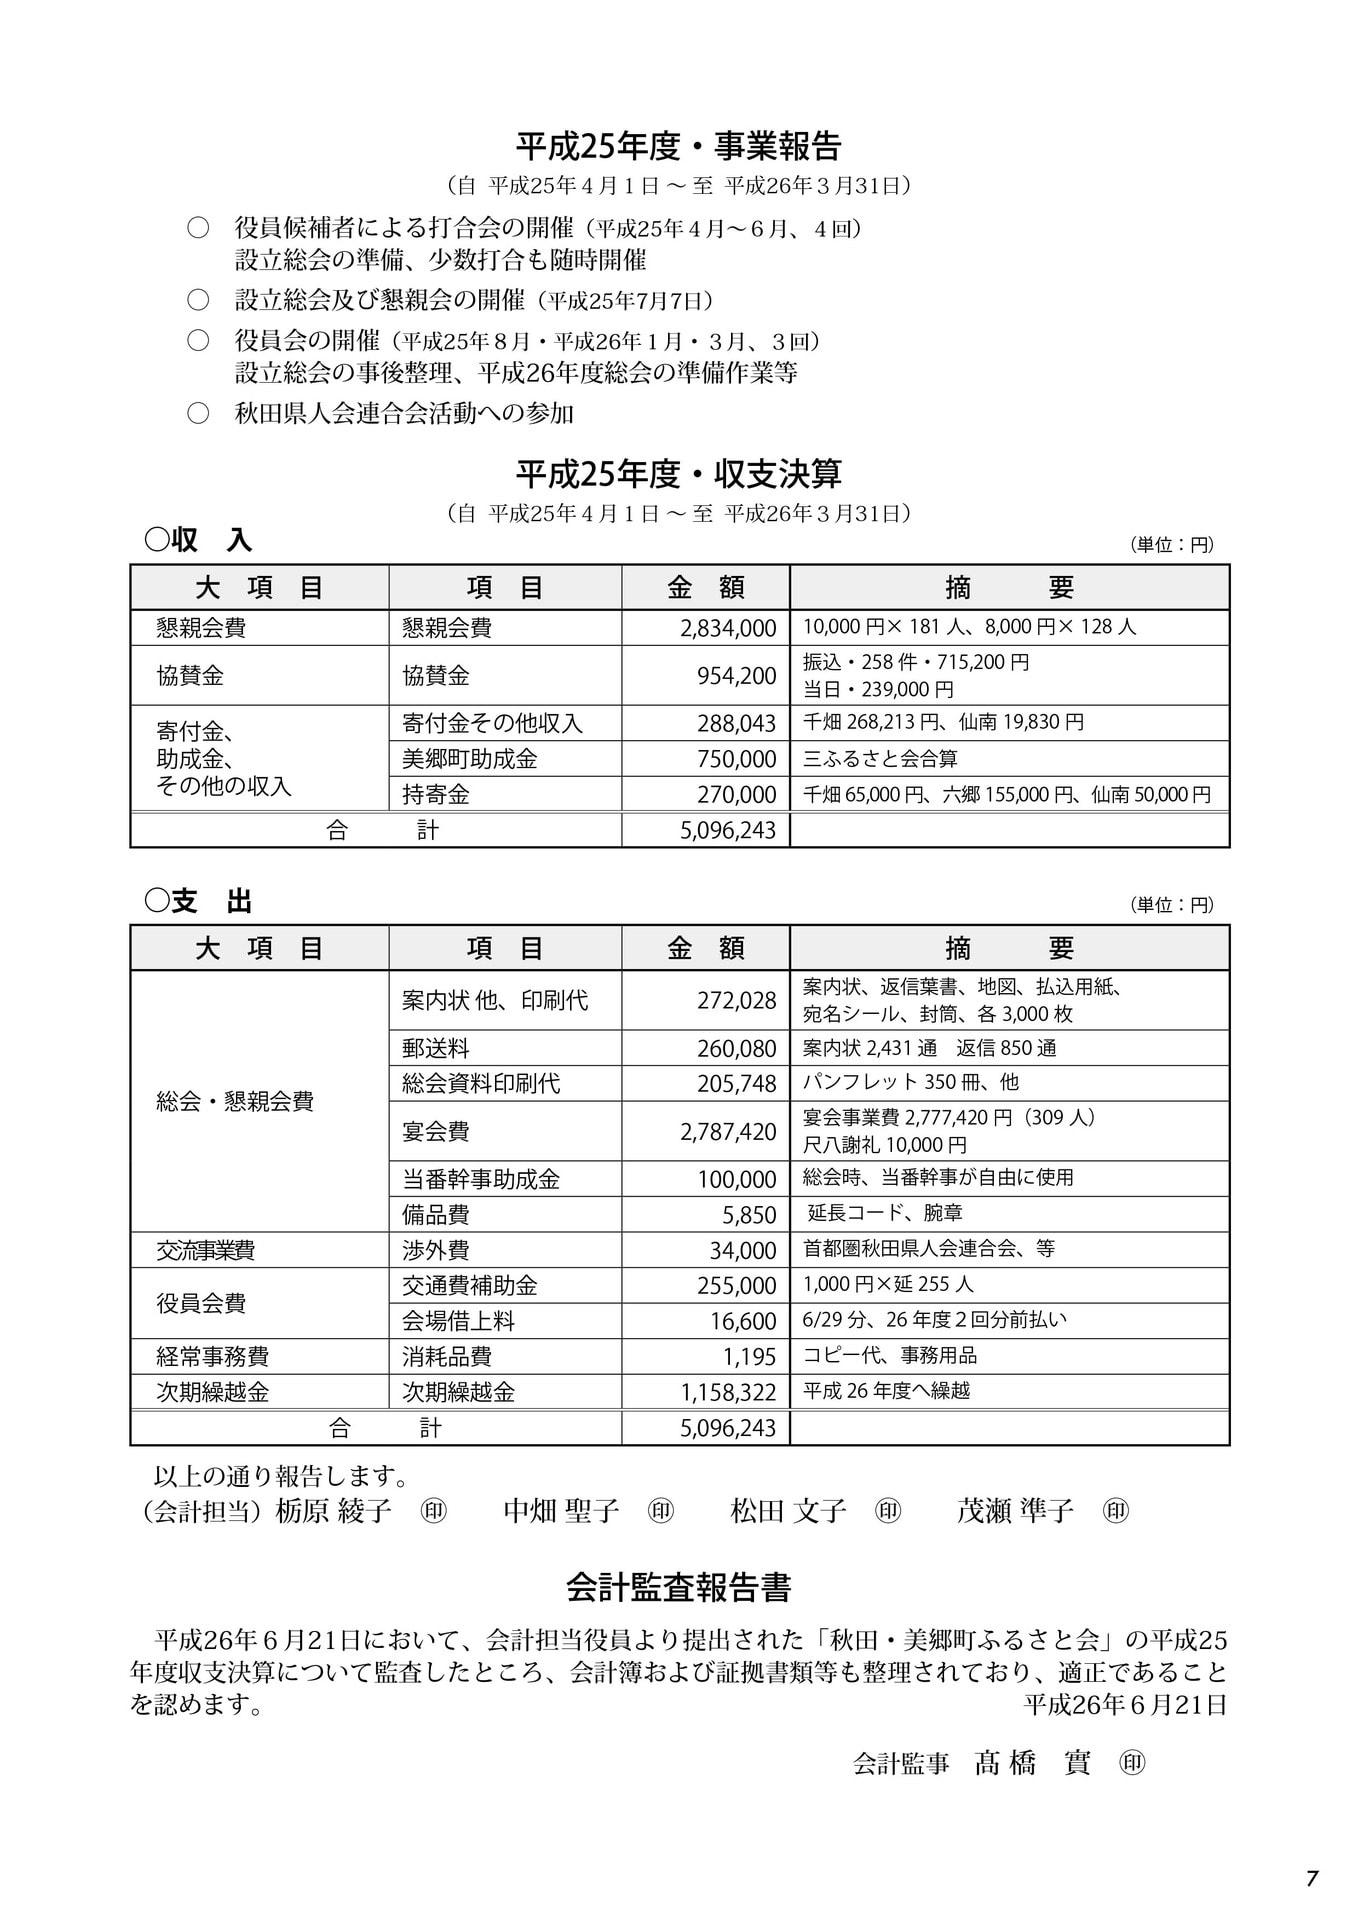 第2回秋田・美郷町ふるさと会パンフレット(事業報告、収支決算、会計監査報告書)